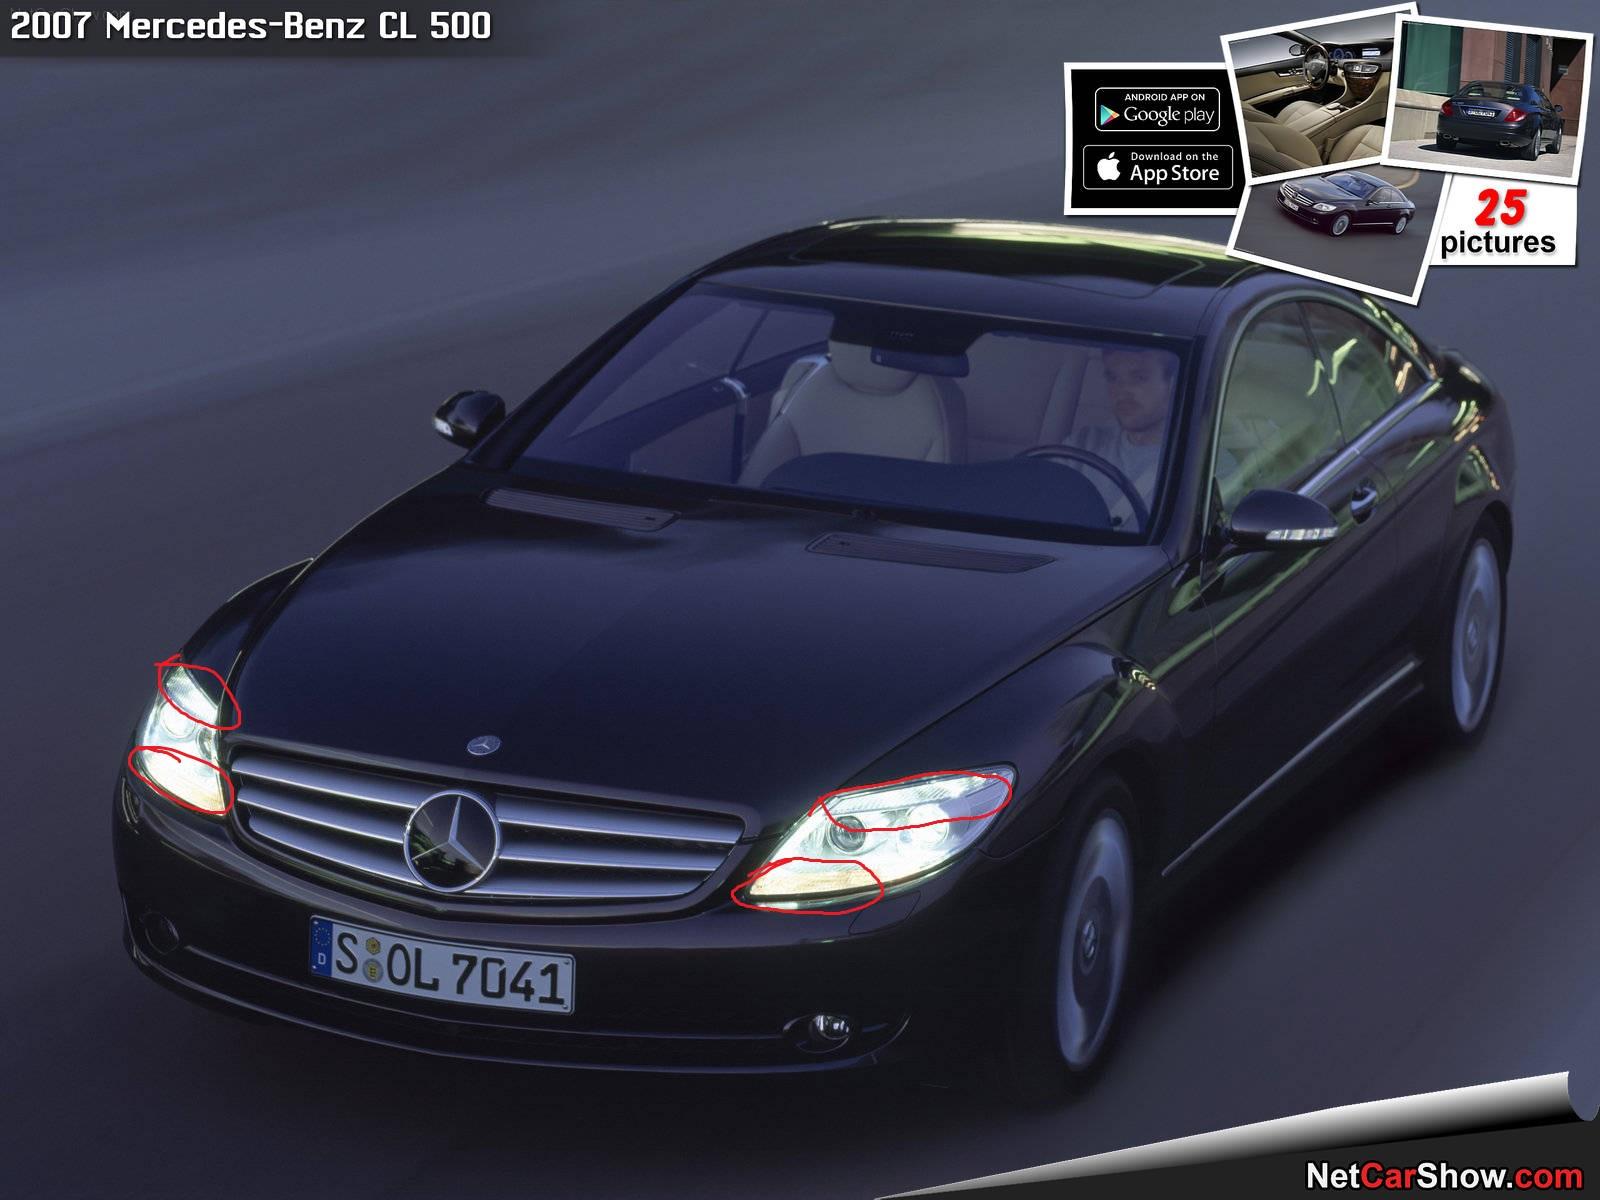 Mercedes-Benz-CL_500-2007-1600-06.jpg